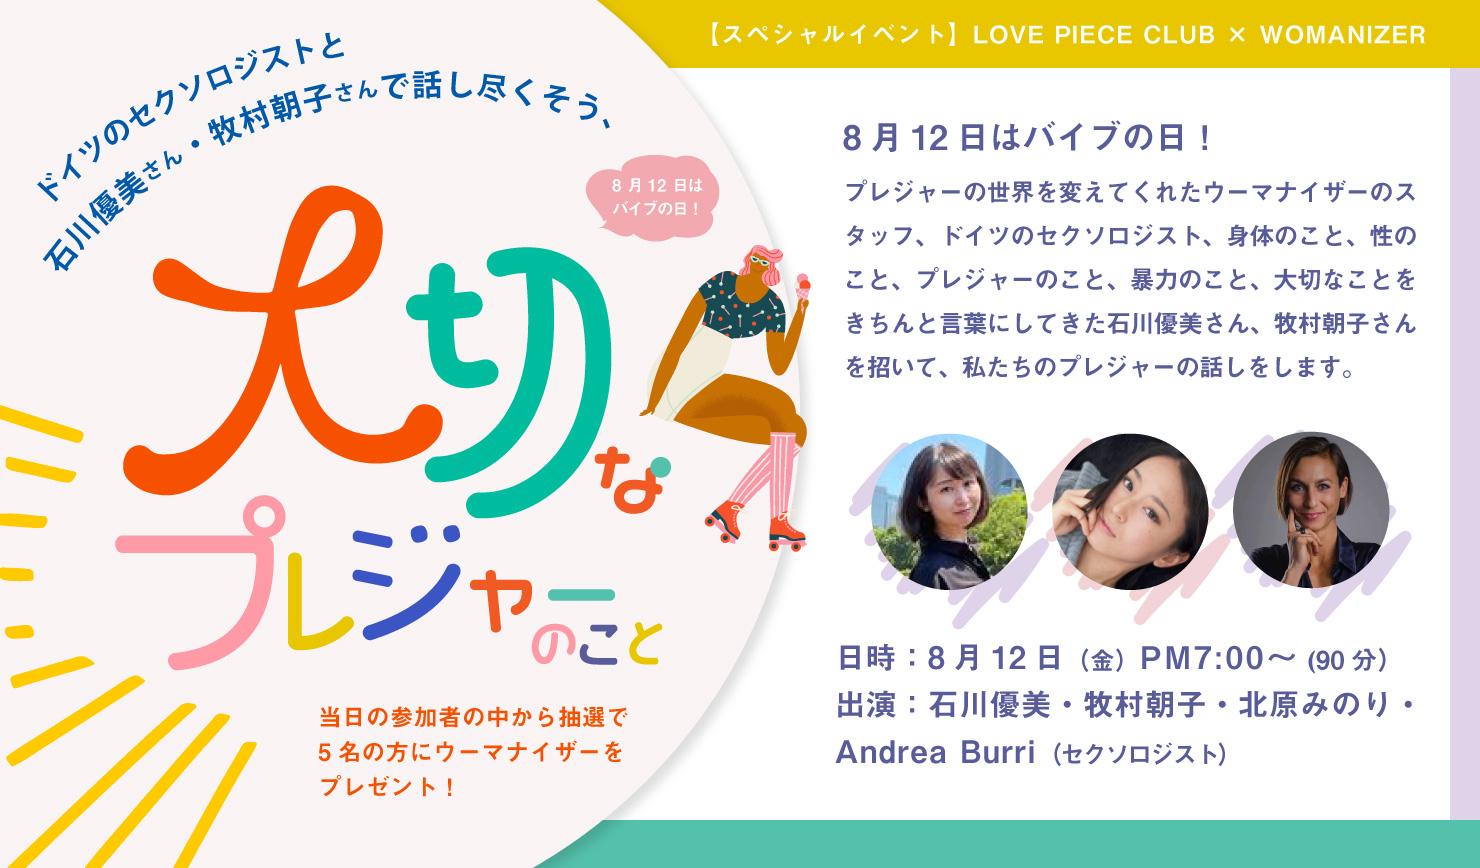 8月12日はバイブの日!【スペシャルイベント】LOVE PIECE CLUB × WOMANIZER ドイツのセクソロジストと石川優美さん・牧村朝子さんで話し尽くそう、大切なプレジャーのこと ★ウーマナイザープレゼントあり★